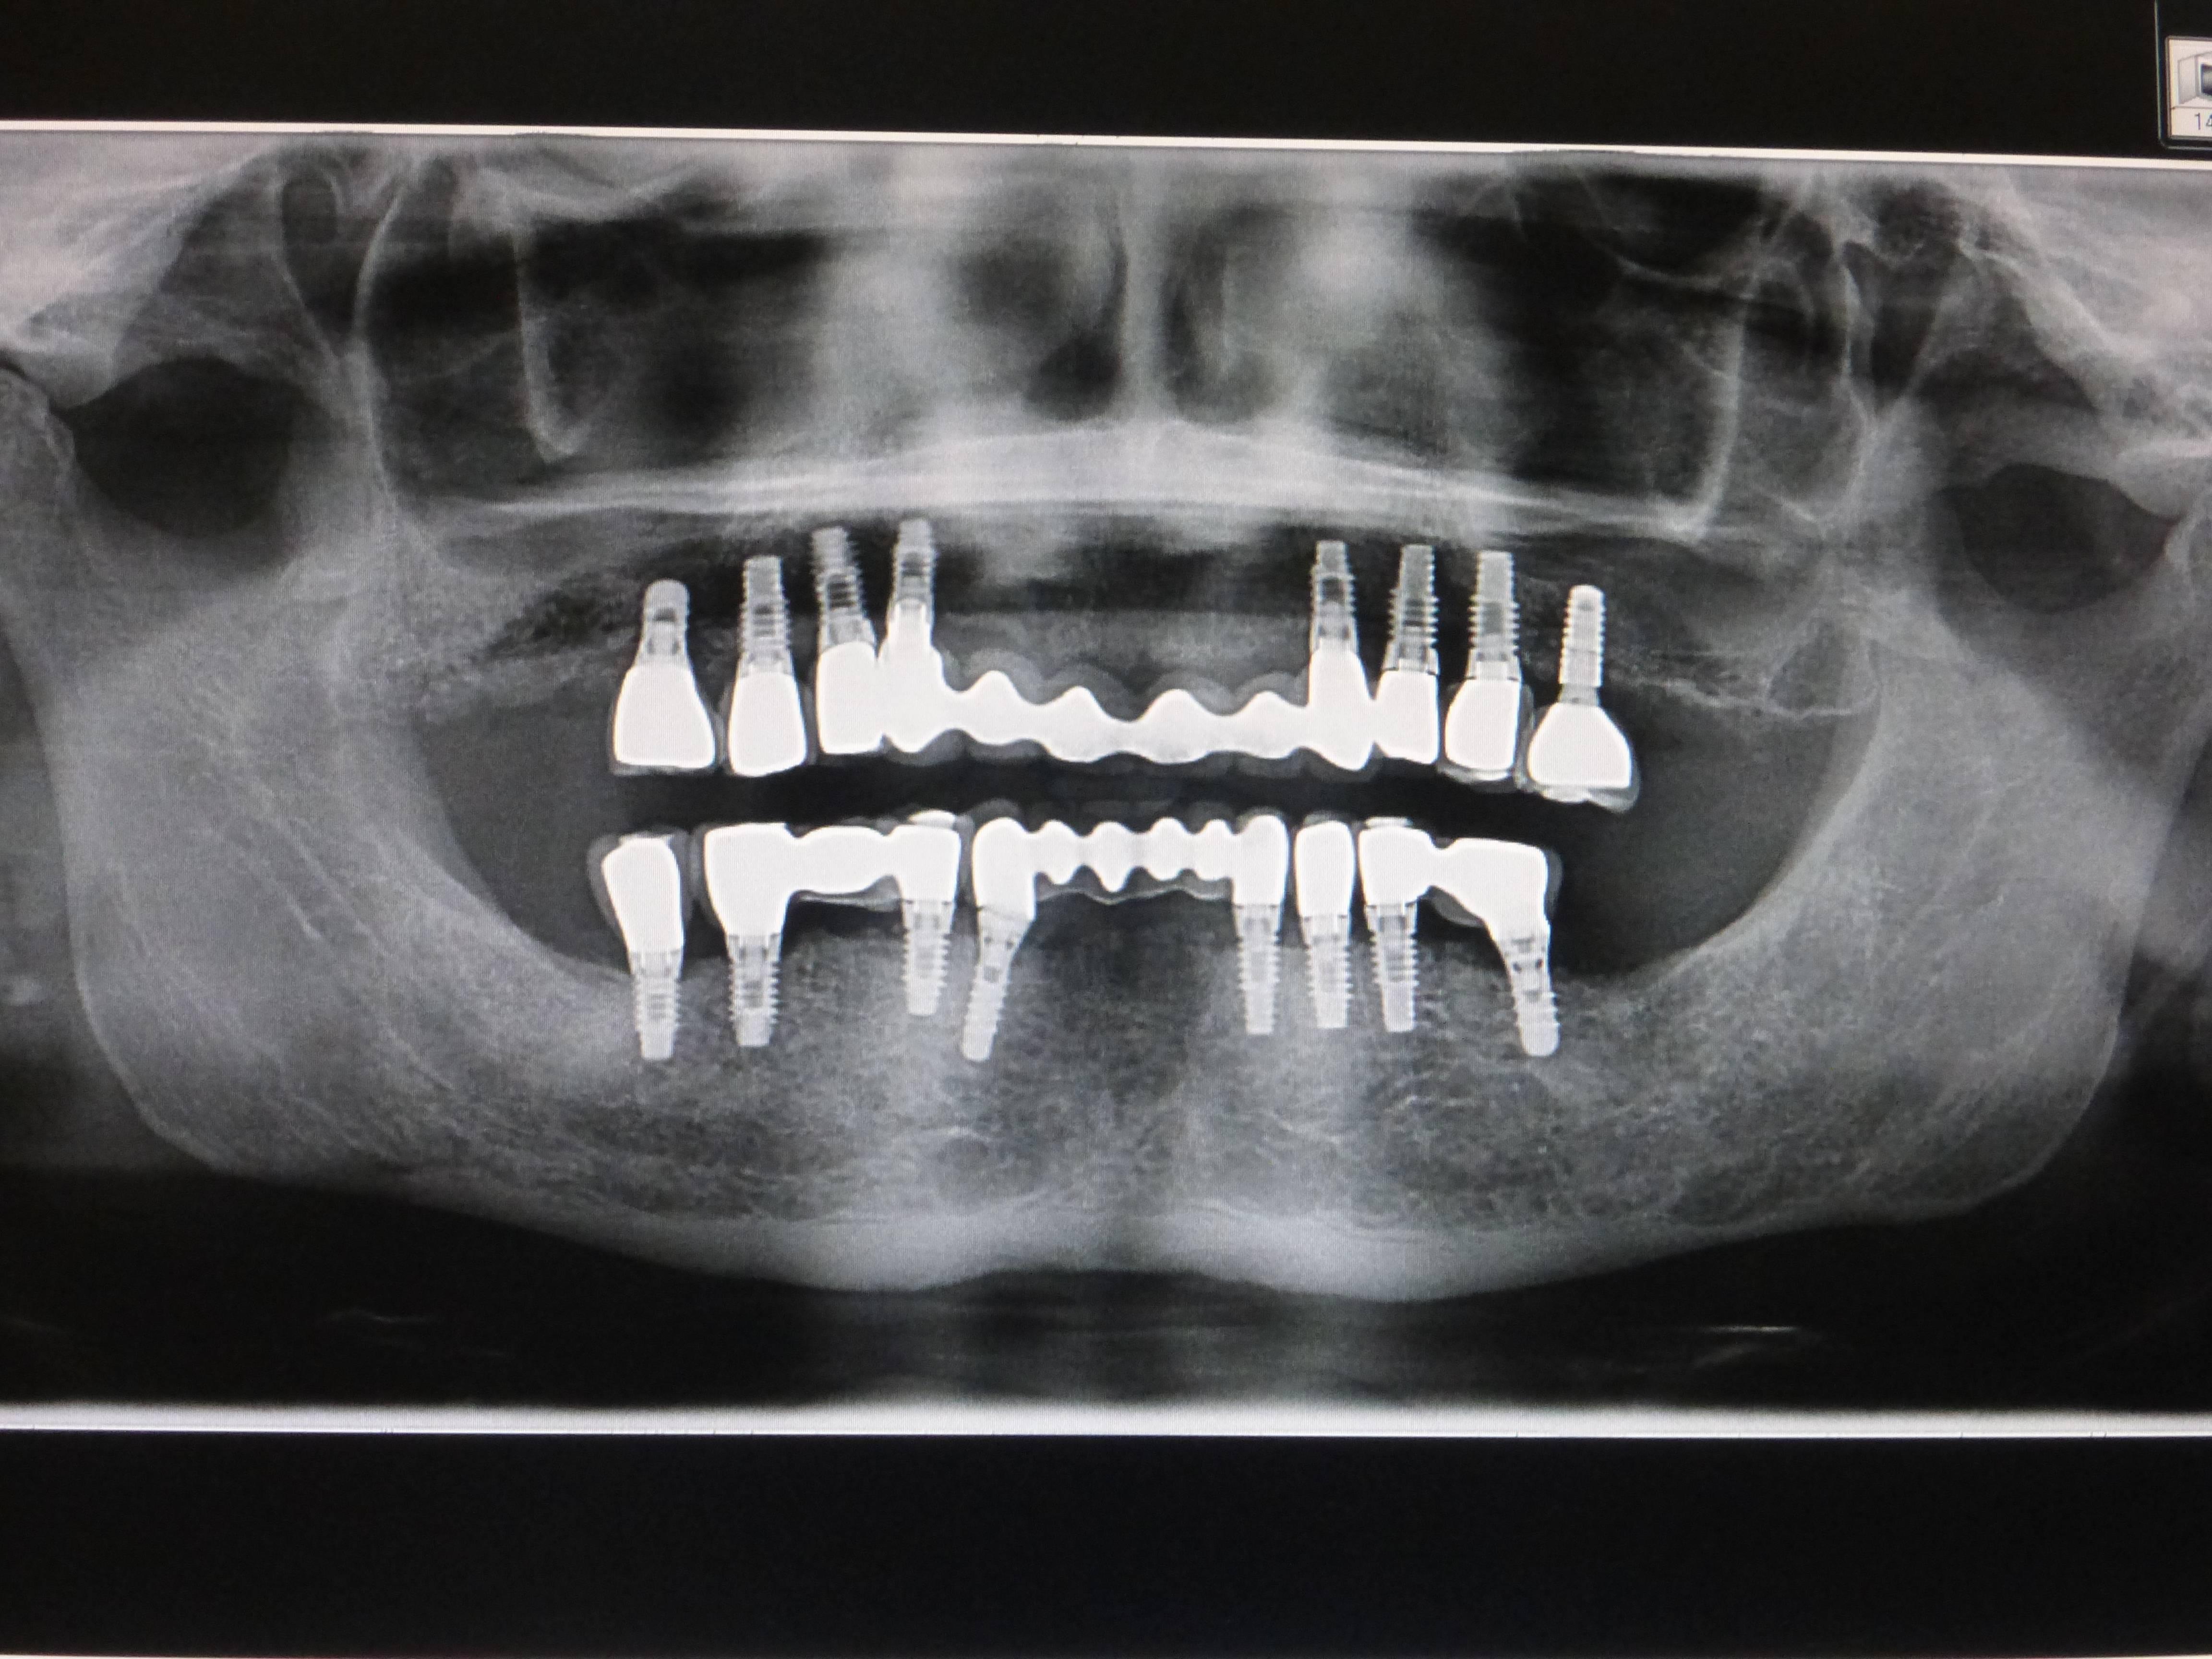 Radiografía digital de implantes dentales realizados a un paciente en nuestra clínica dental de Albacete